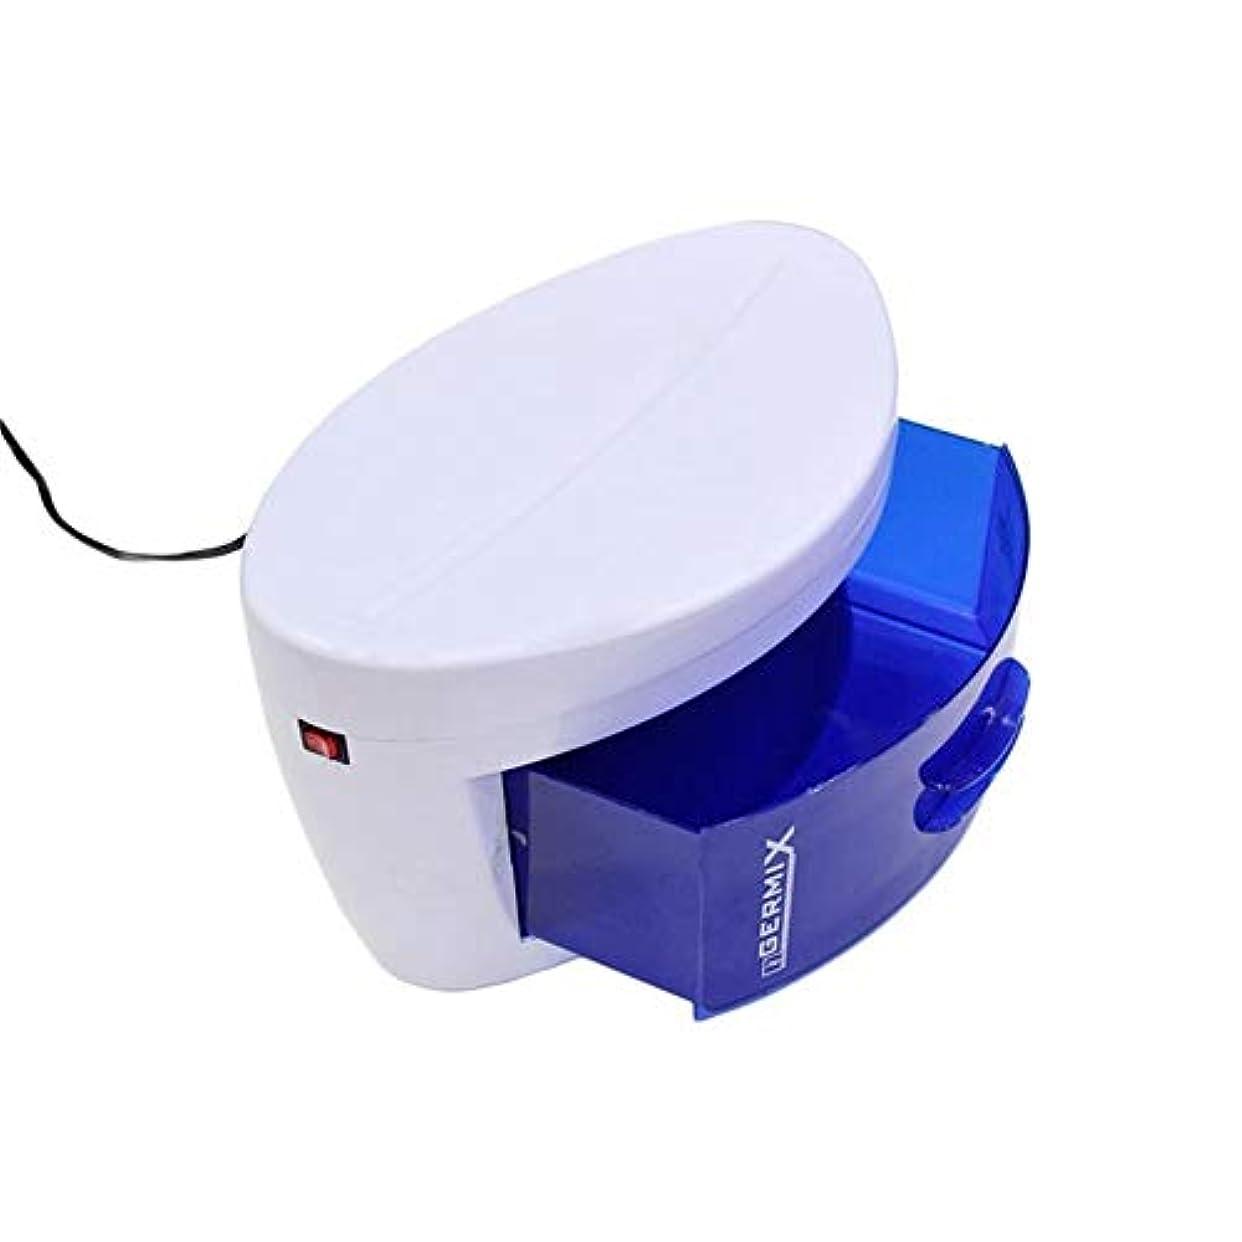 強度寸前コーデリアネイル殺菌装置UV消毒キャビネット美容ツールサロンマニキュア消毒機機タオル消毒引き出し